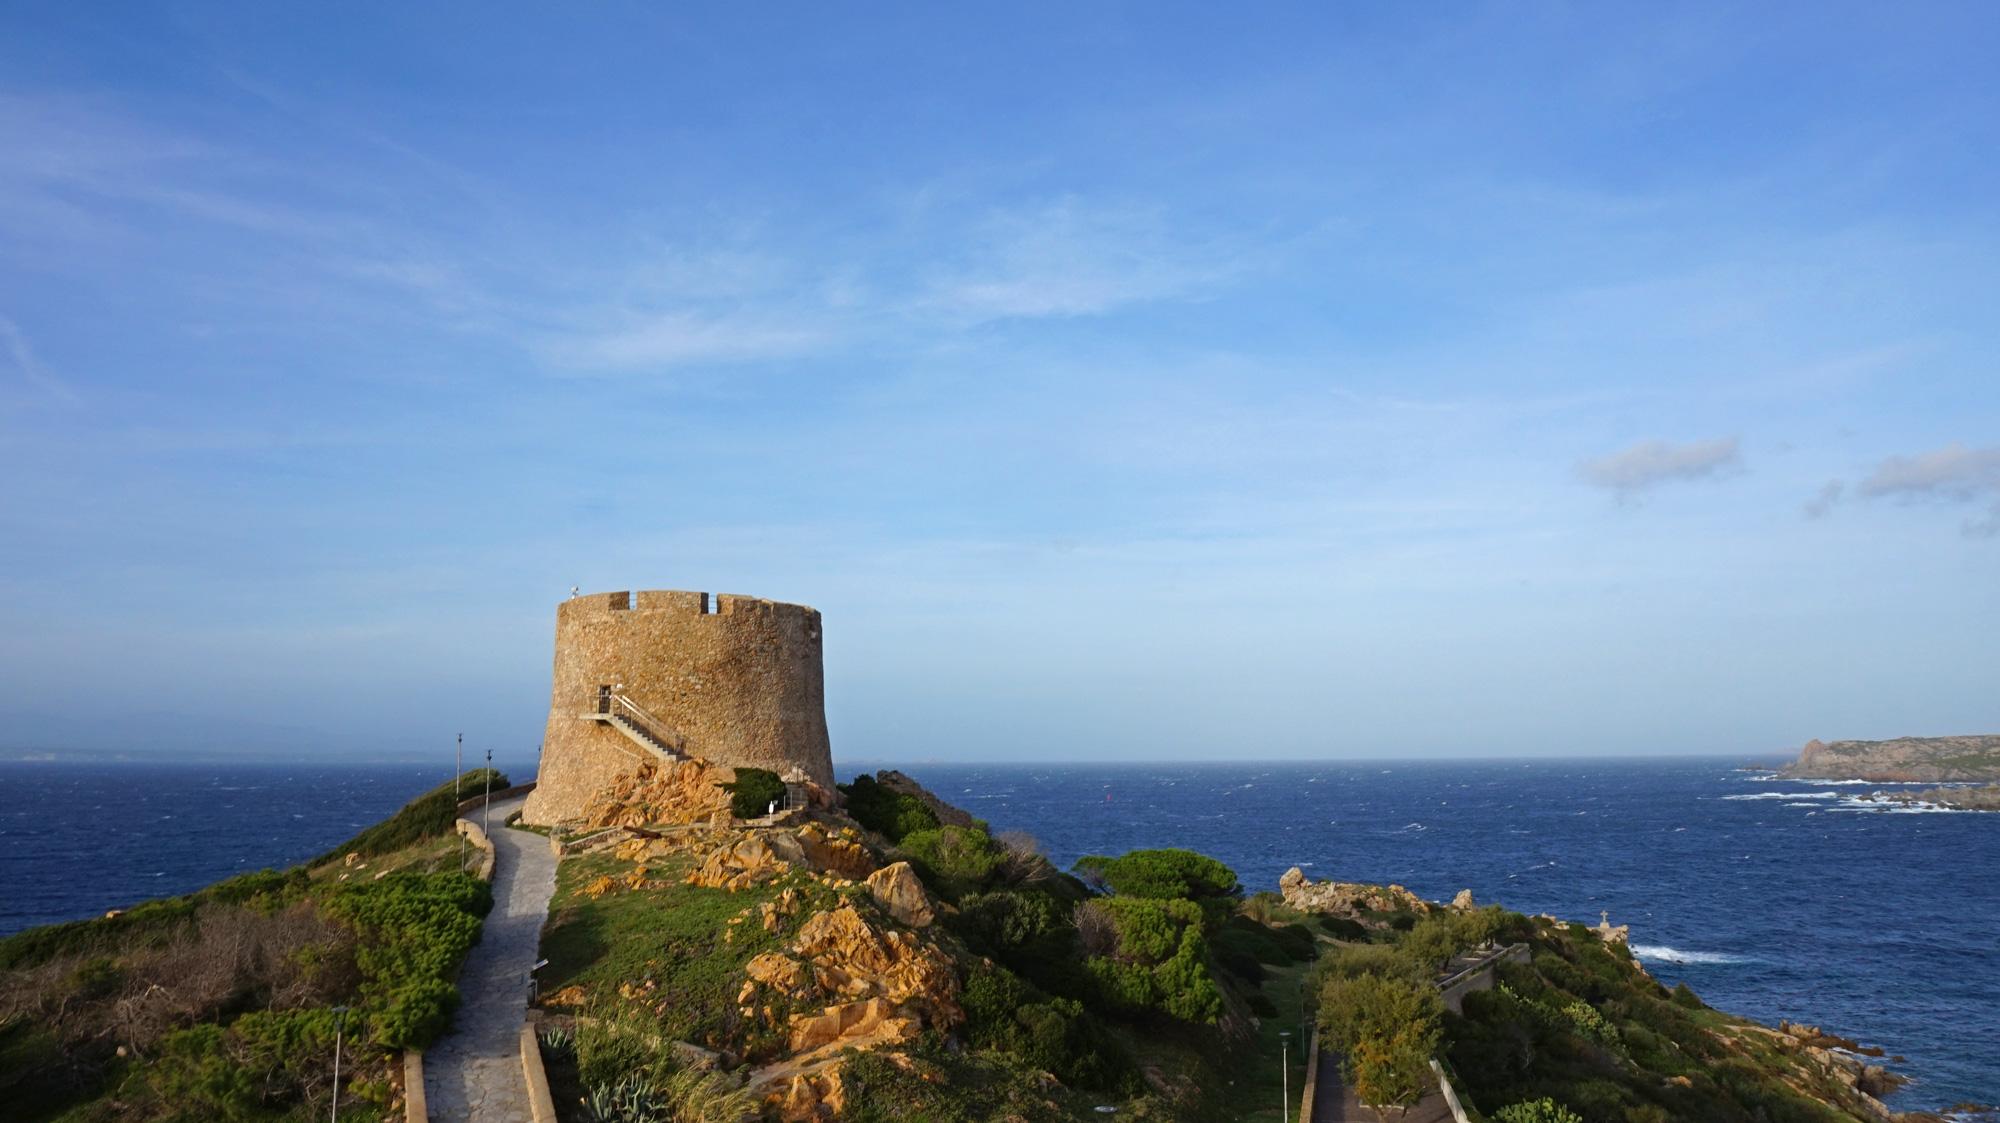 Torre Longosardo: Der Sarazenenturm von Santa Teresa Gallura